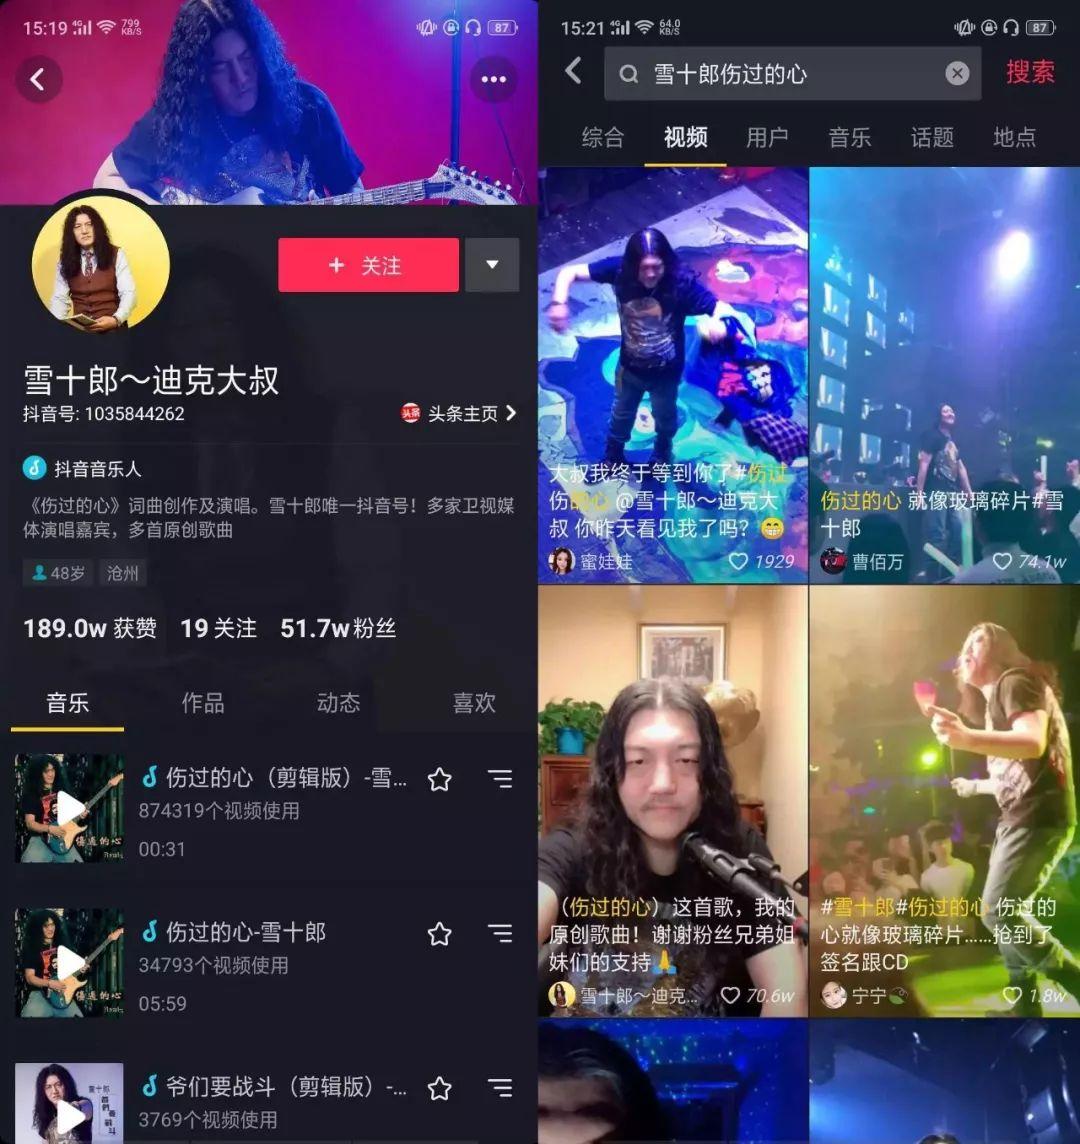 2019歌曲点击排行榜_抖音最火歌曲2019